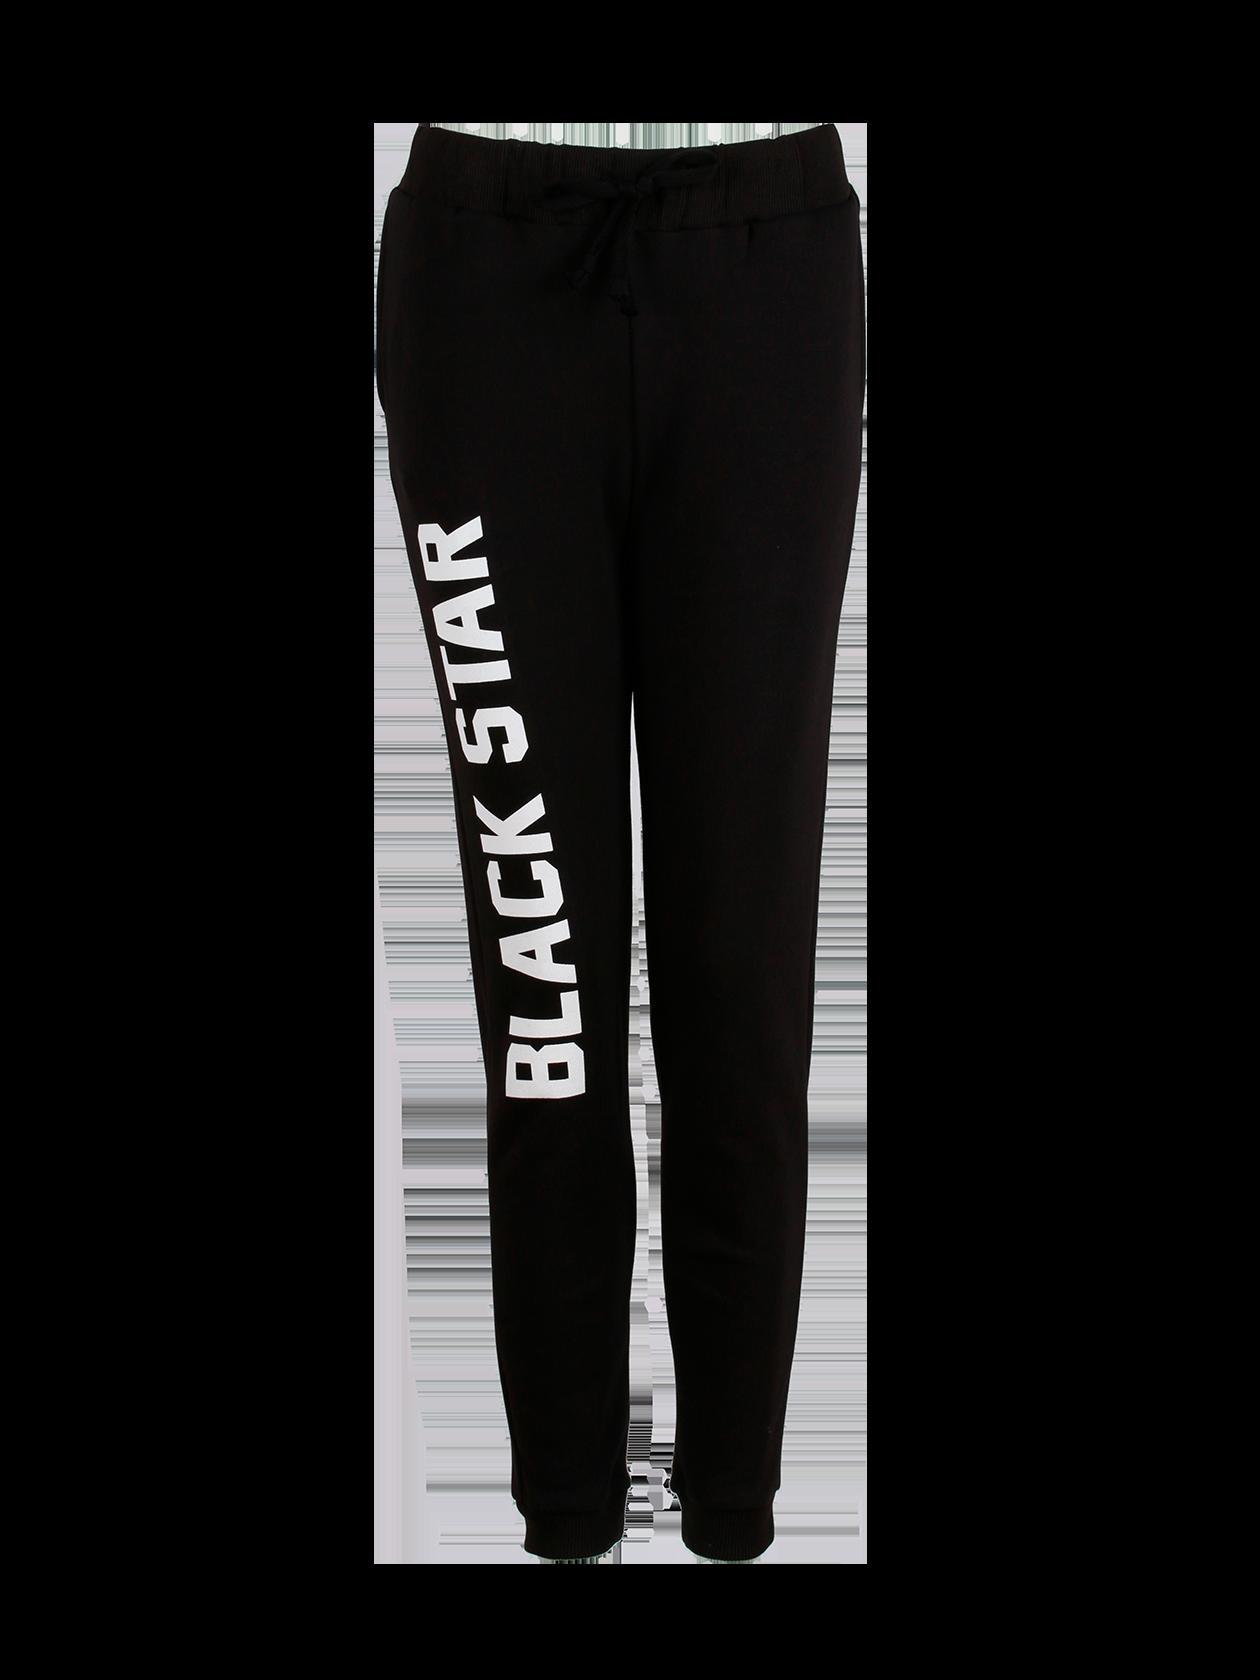 Womens Trousers BIG PRINTСпортивные женские брюки Big Print – вещь, достойная стать частью вашего гардероба. Лаконичный дизайн, качественный натуральный материал, приятный к телу, сохранит свободу в каждом движении. Передняя часть оформлена контрастным принтом в виде белой надписи Black Star. Эластичный пояс и манжеты обеспечат идеальную посадку по фигуре. Модель практичного черного цвета с зауженным к низу кроем.<br><br>size: L<br>color: Black<br>gender: female